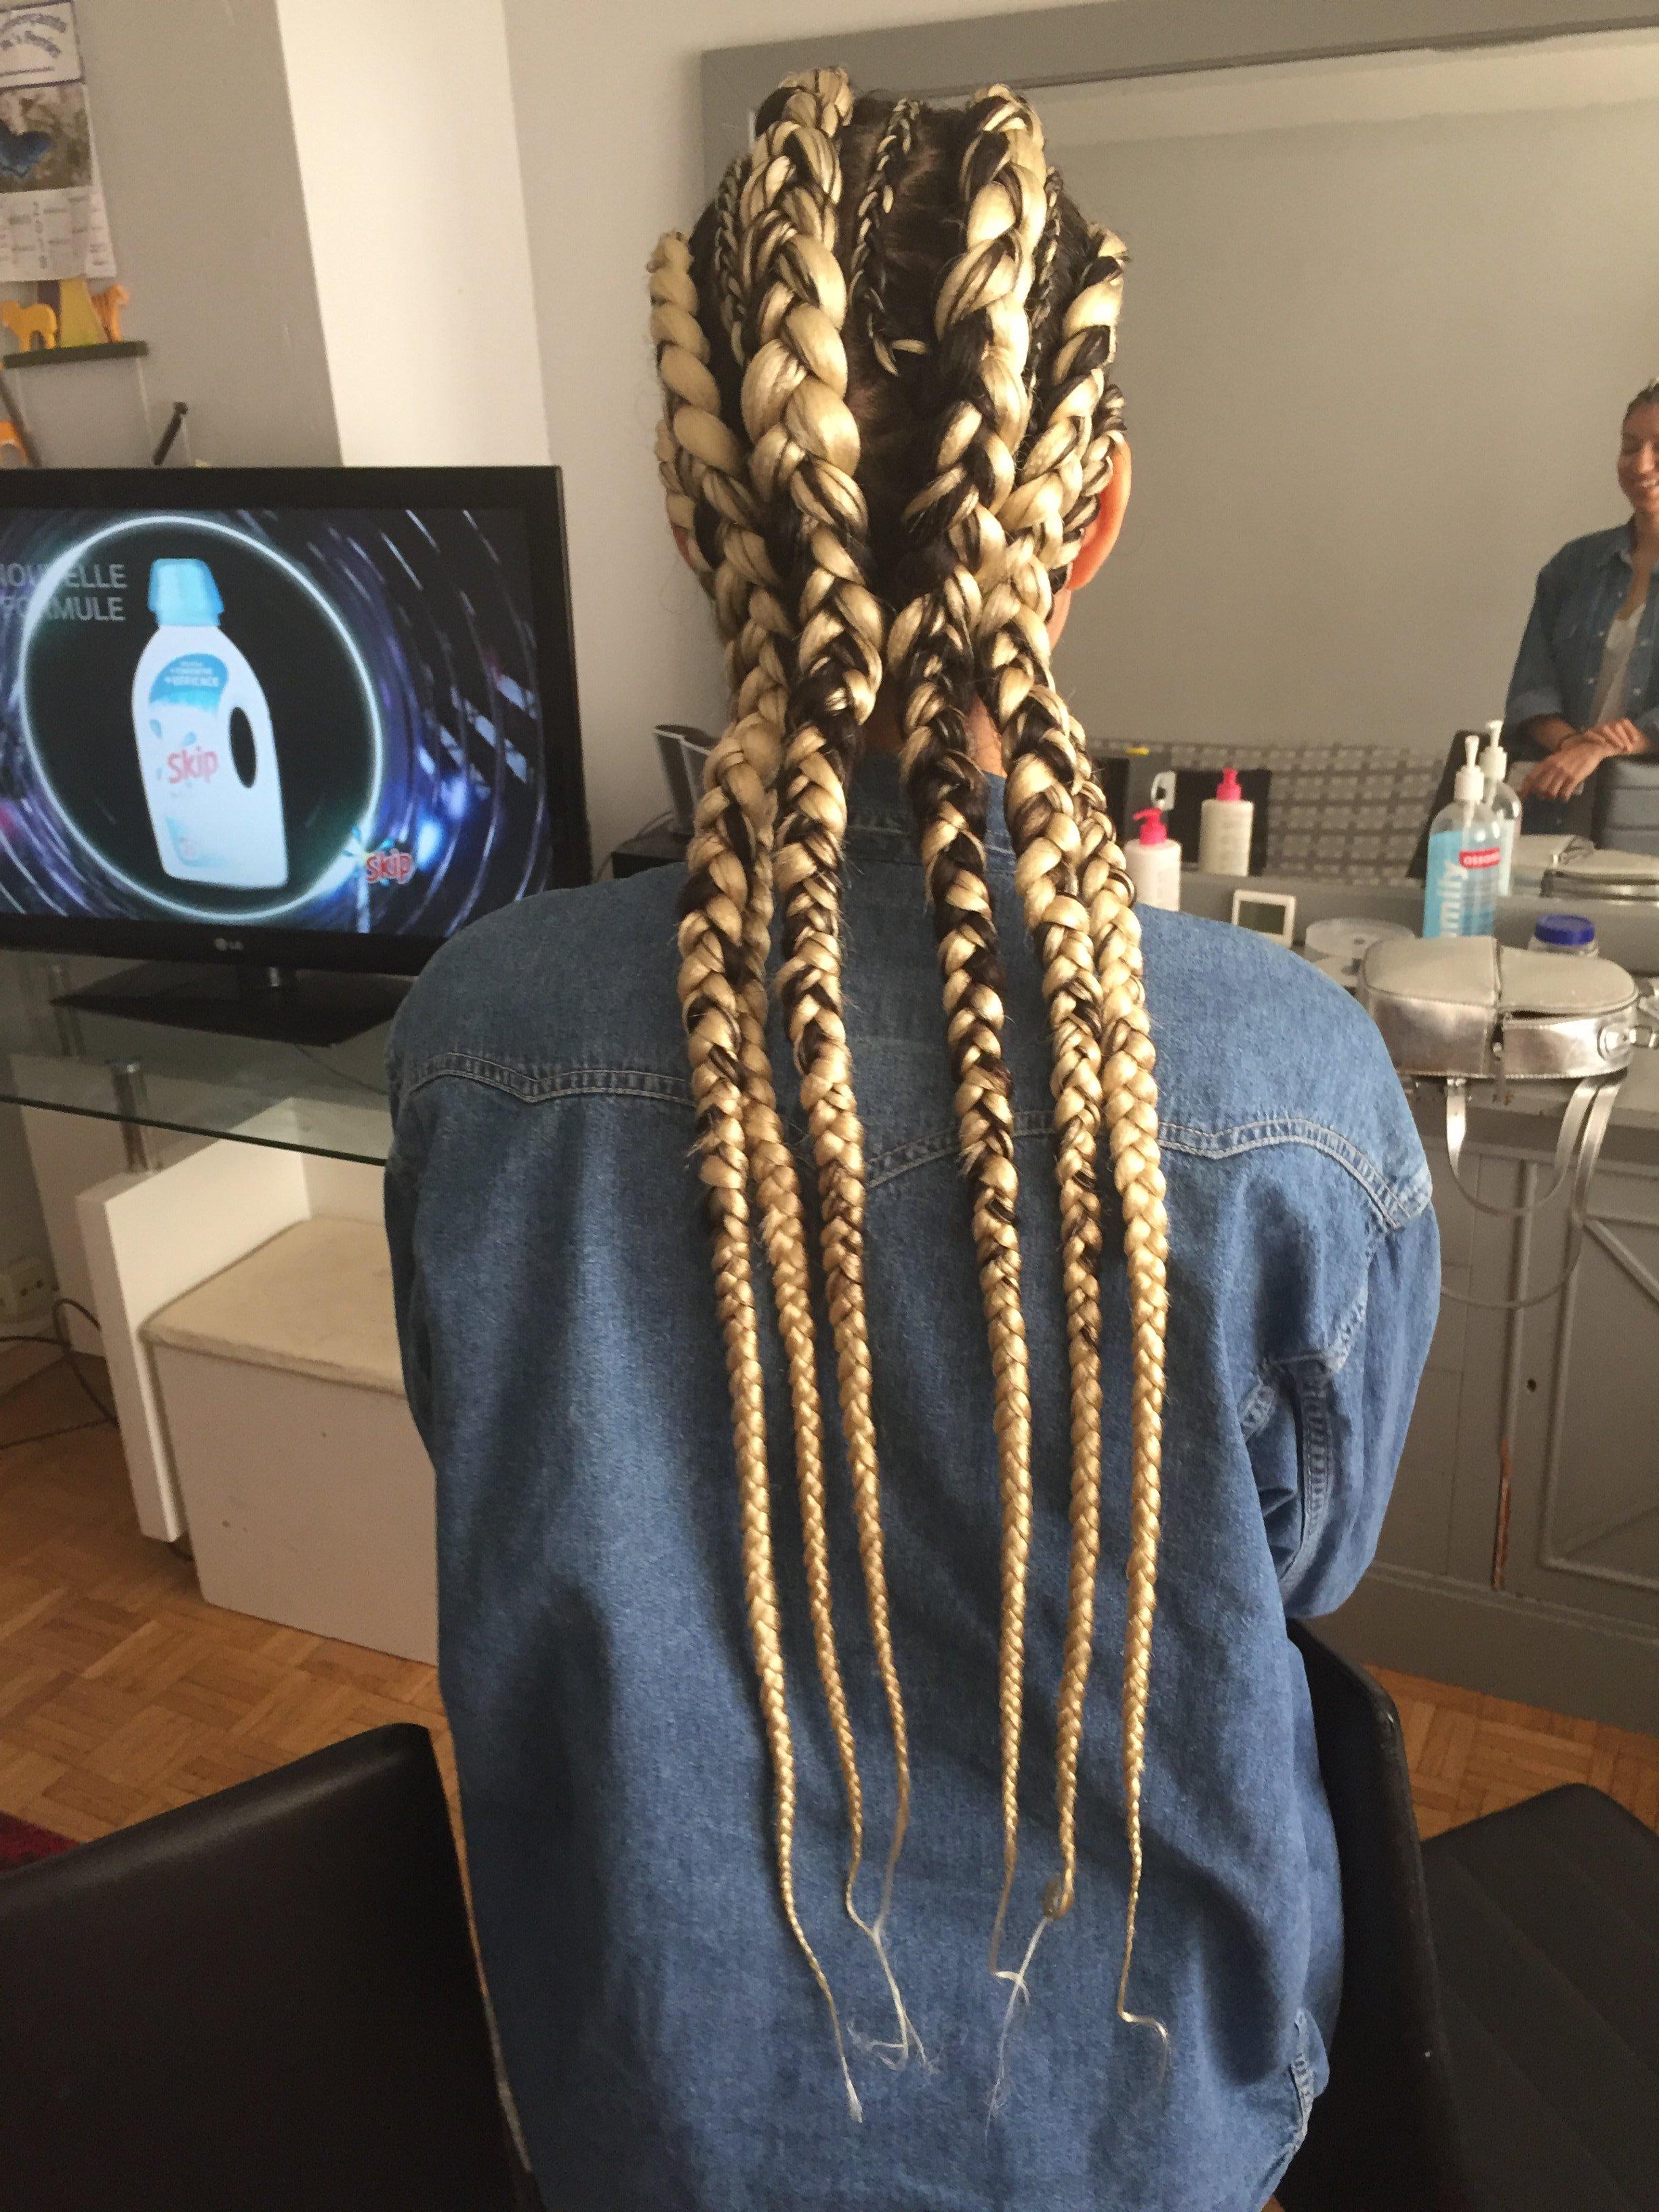 salon de coiffure afro tresse tresses box braids crochet braids vanilles tissages paris 75 77 78 91 92 93 94 95 KTEKIUCA